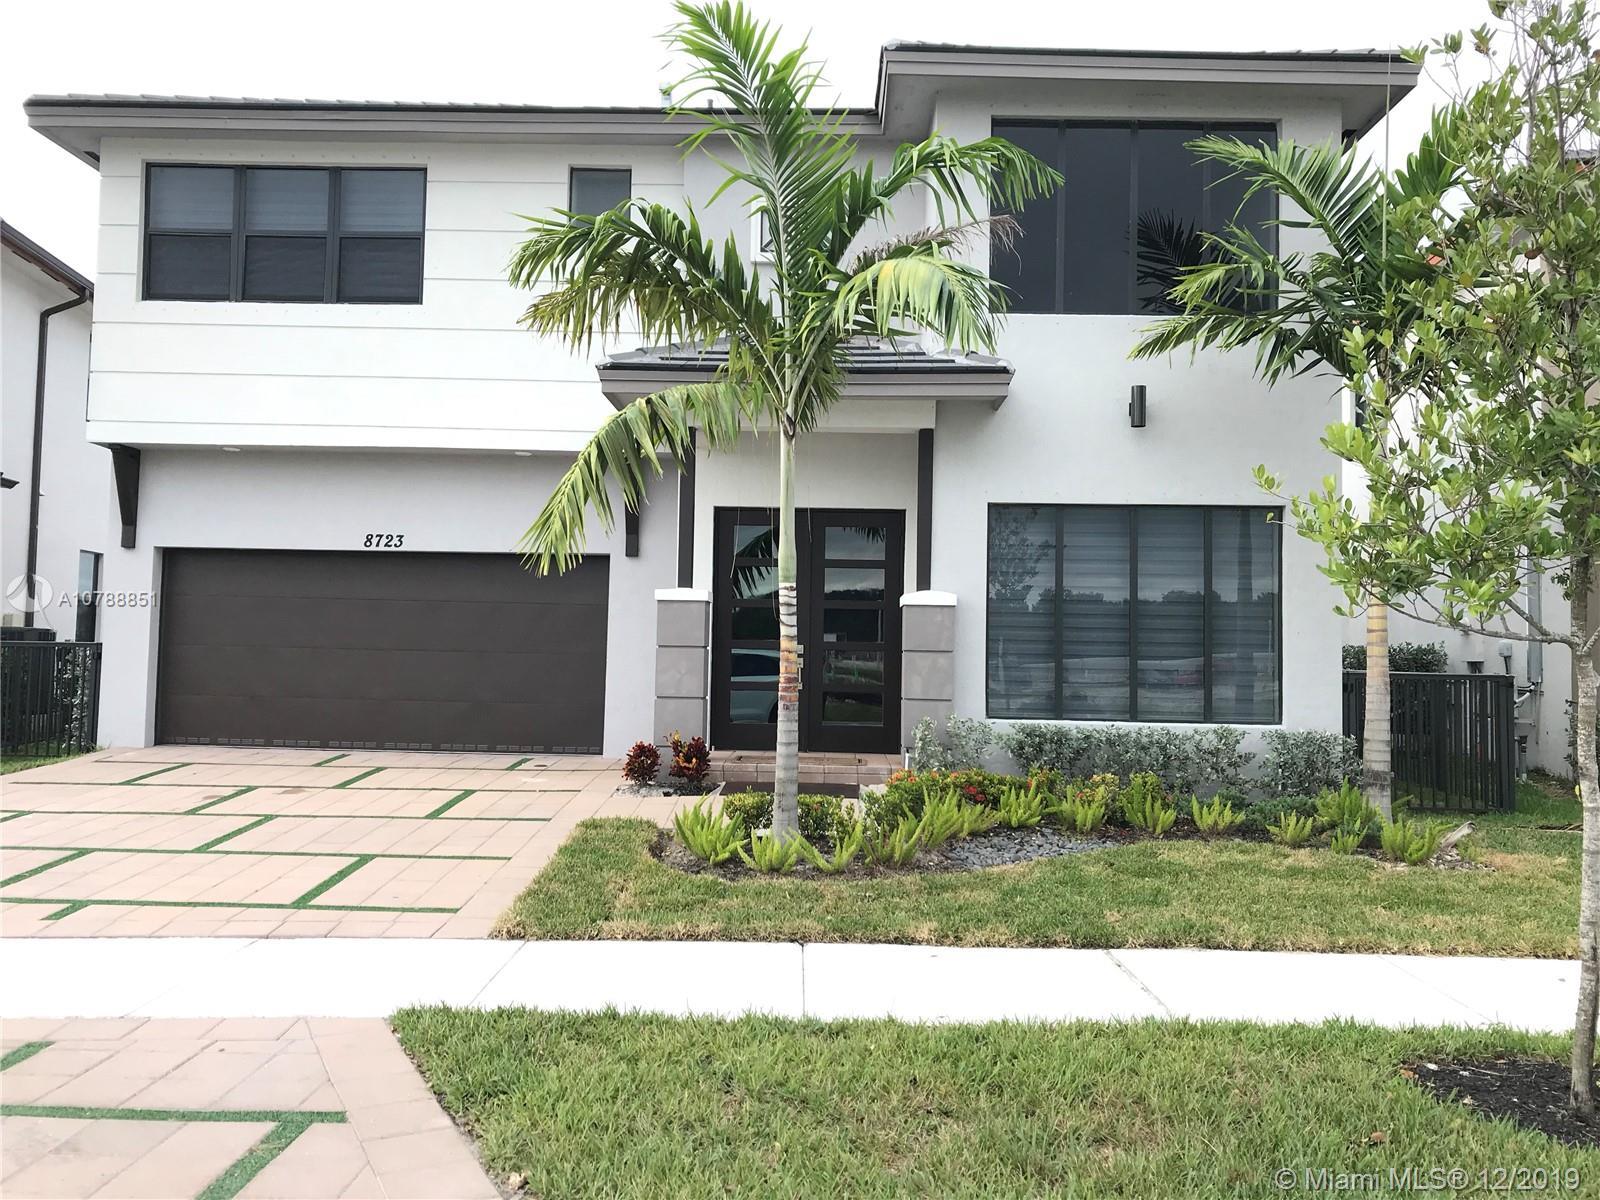 8723 NW 159th St, Miami Lakes, FL 33018